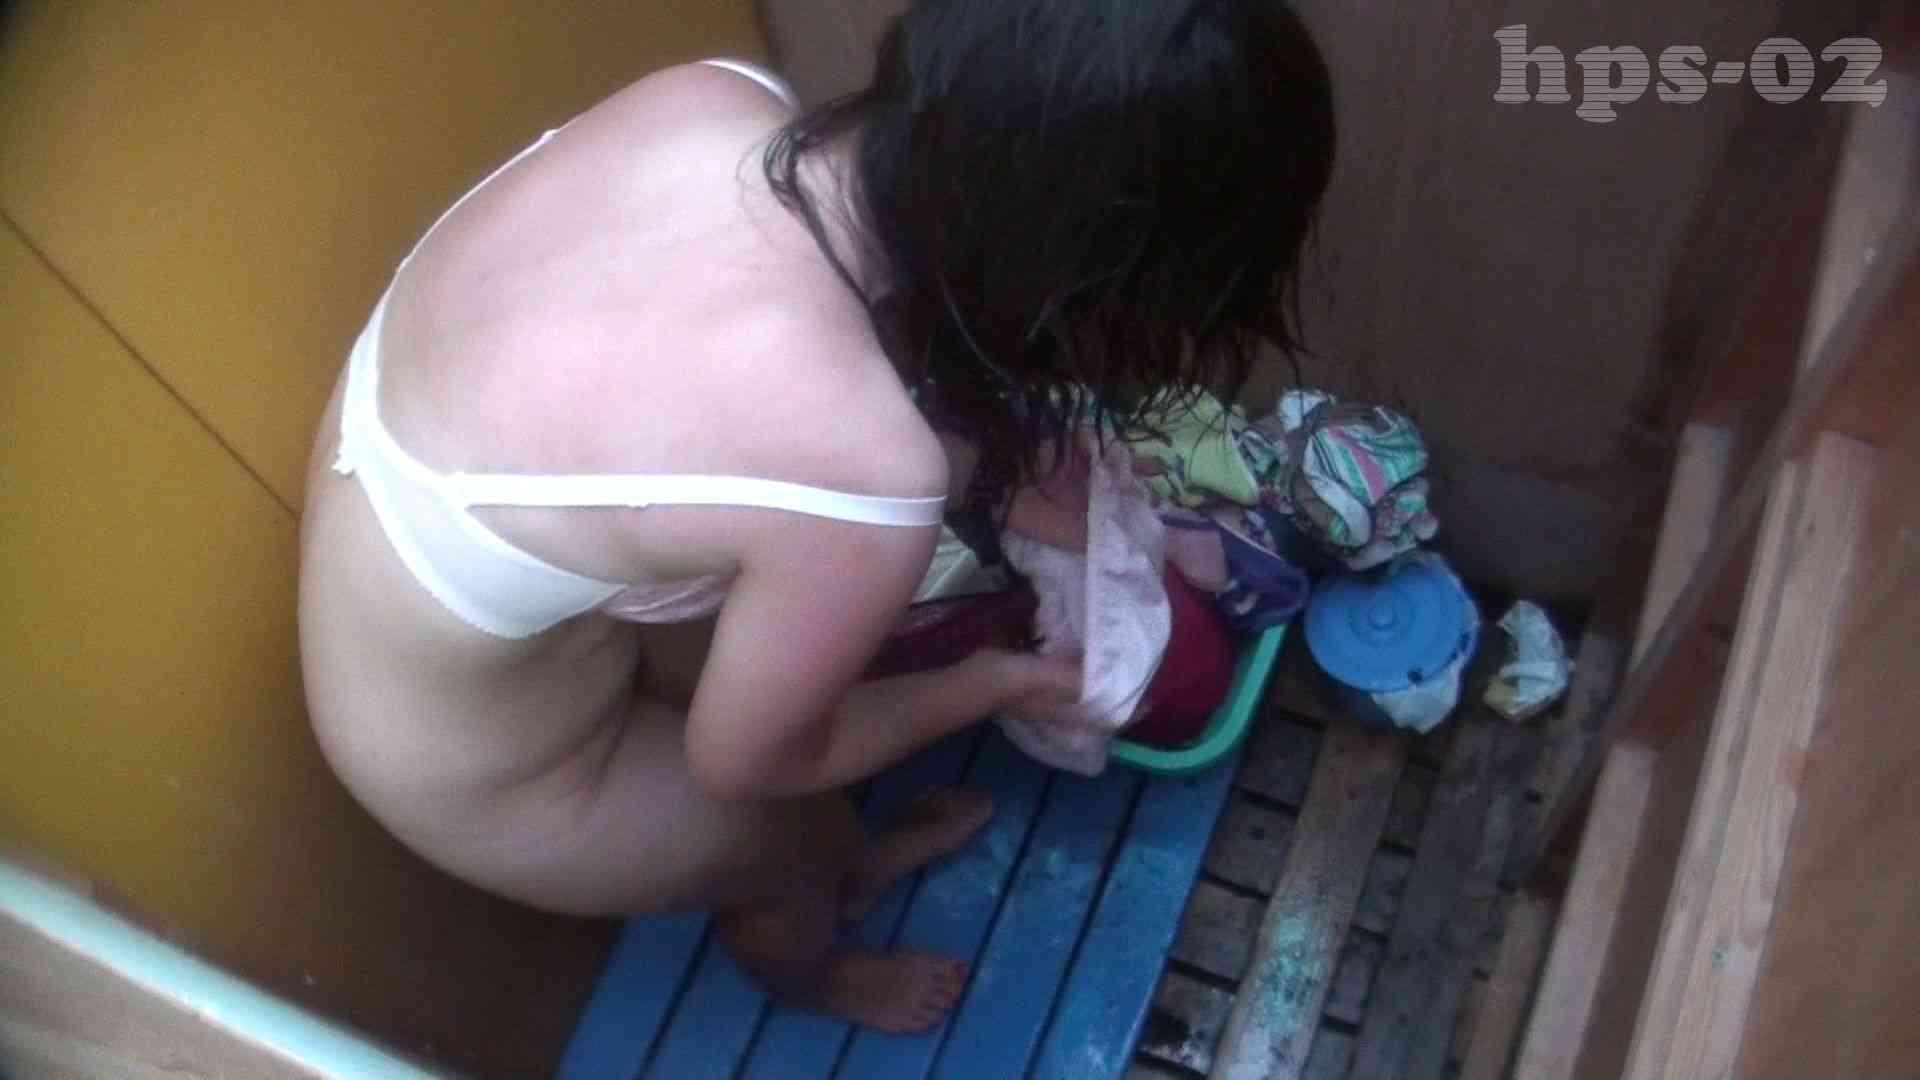 シャワールームは超!!危険な香りVol.2 カメラに目線をやるのですがまったく気が付きません。 シャワー | 高画質  53画像 37